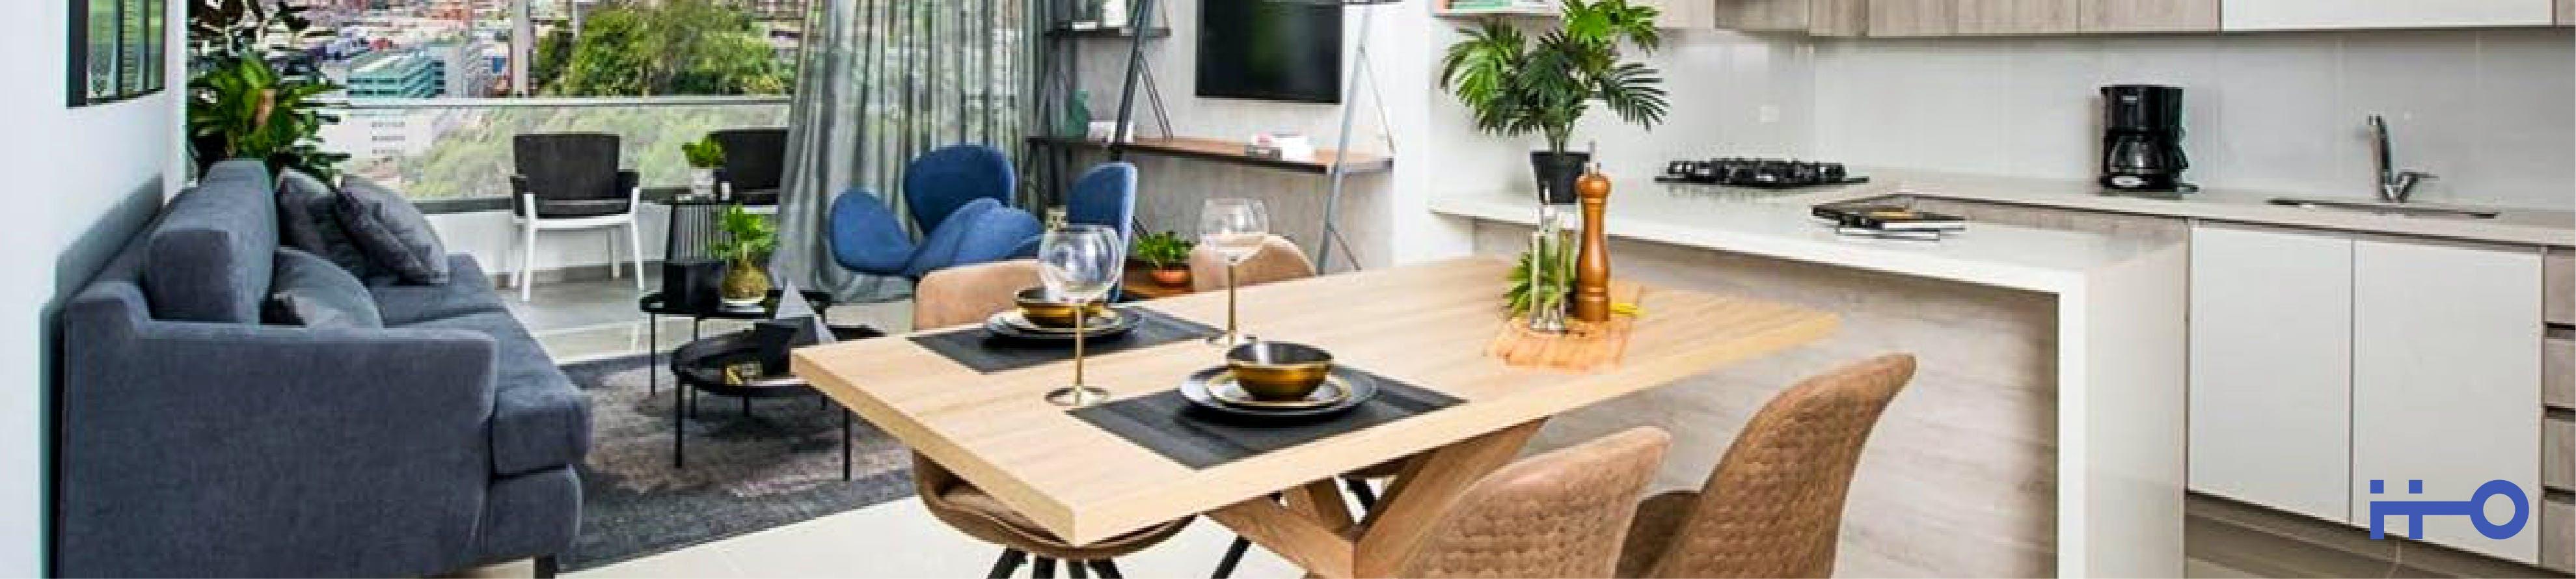 Razones por las que deberías comprar vivienda en El Poblado